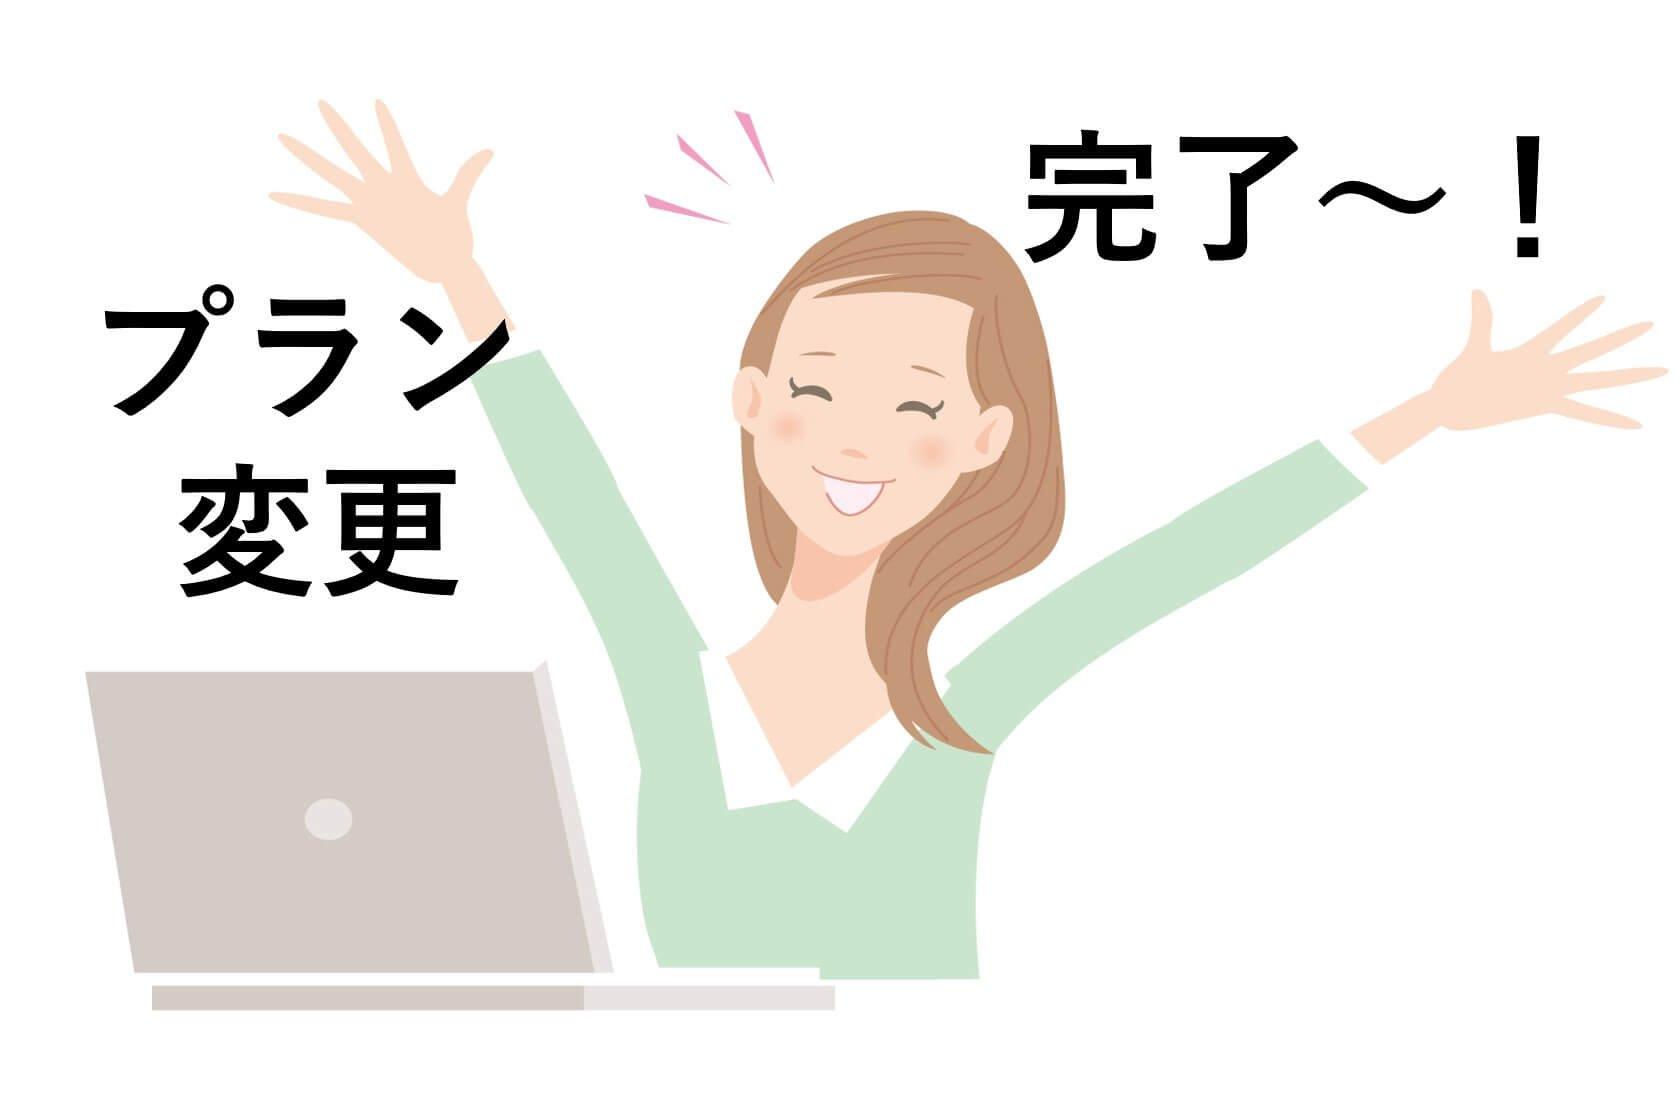 【わたしのiDeCo日記】(SBI証券)セレクトプラン変更完了~!IDとパスワードが届きました